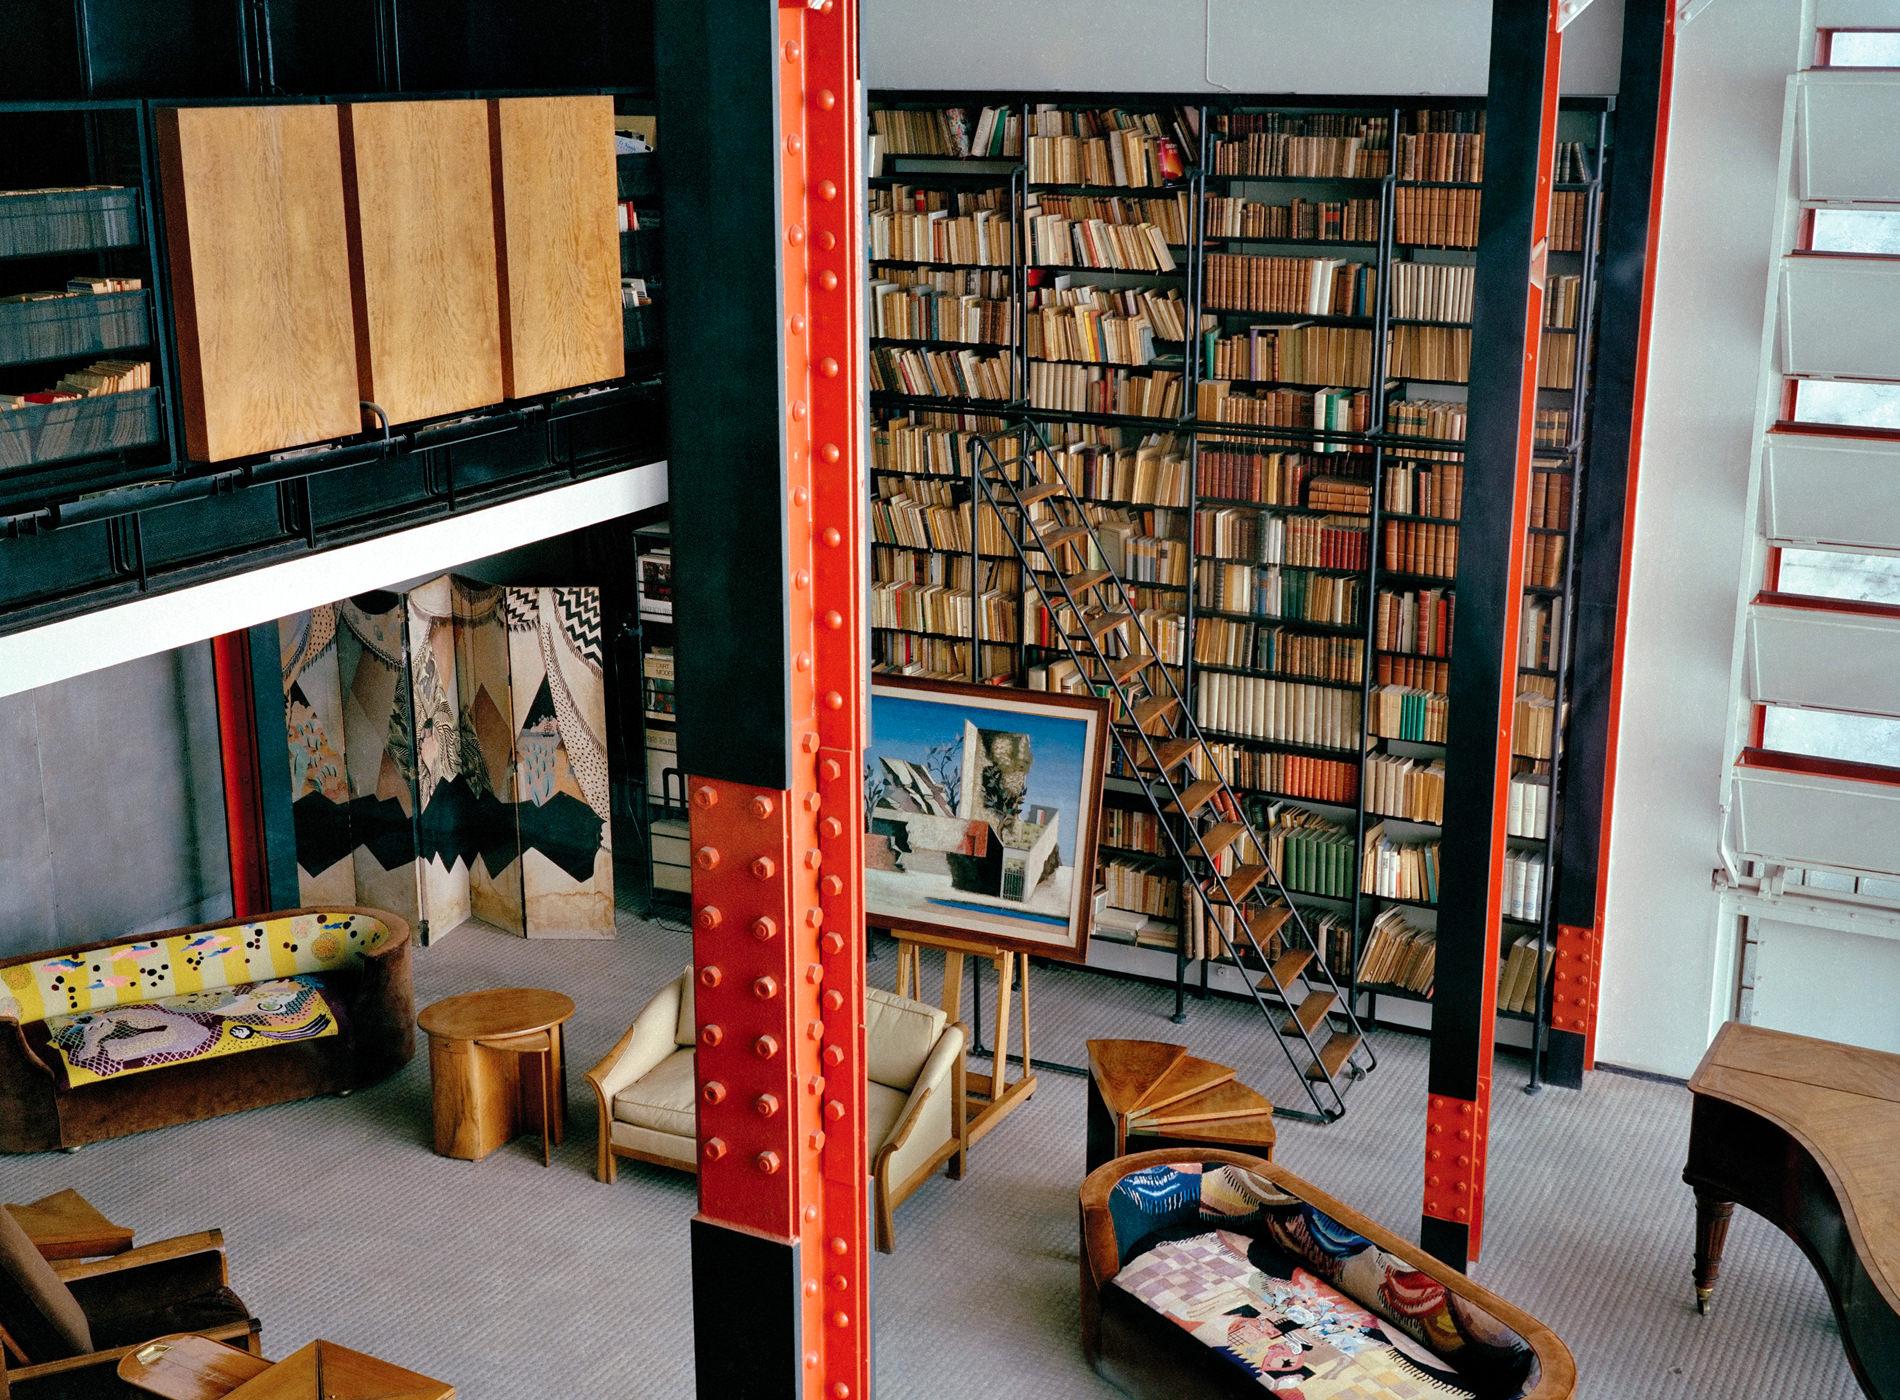 Maison De Verre Pierre Chareau Architecture Paris Rue Saint-Guillaume 7eme arrondissement